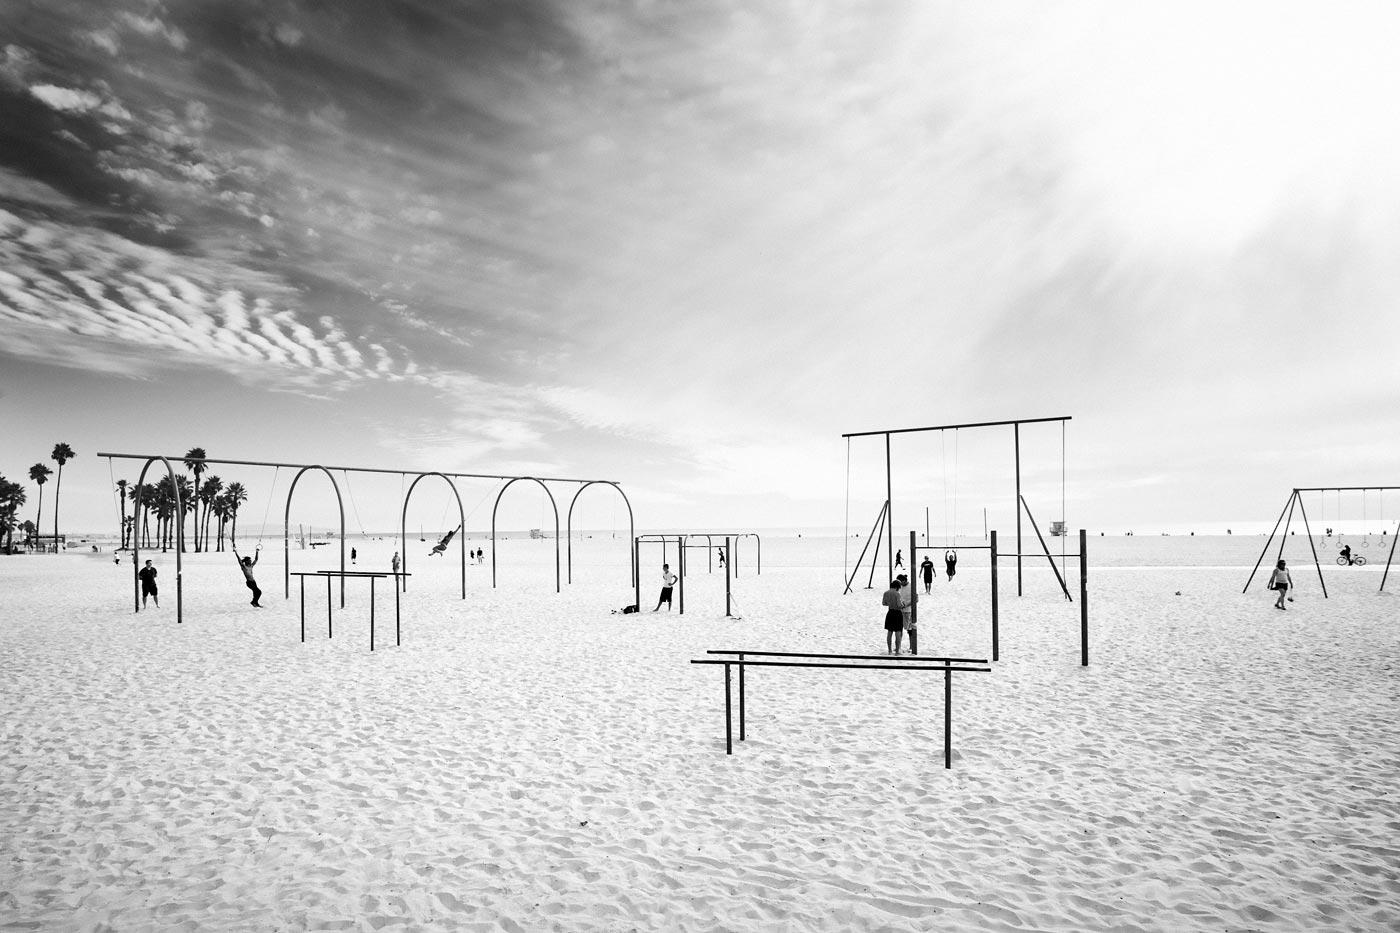 photographe-art-noir-et-blanc.jpeg